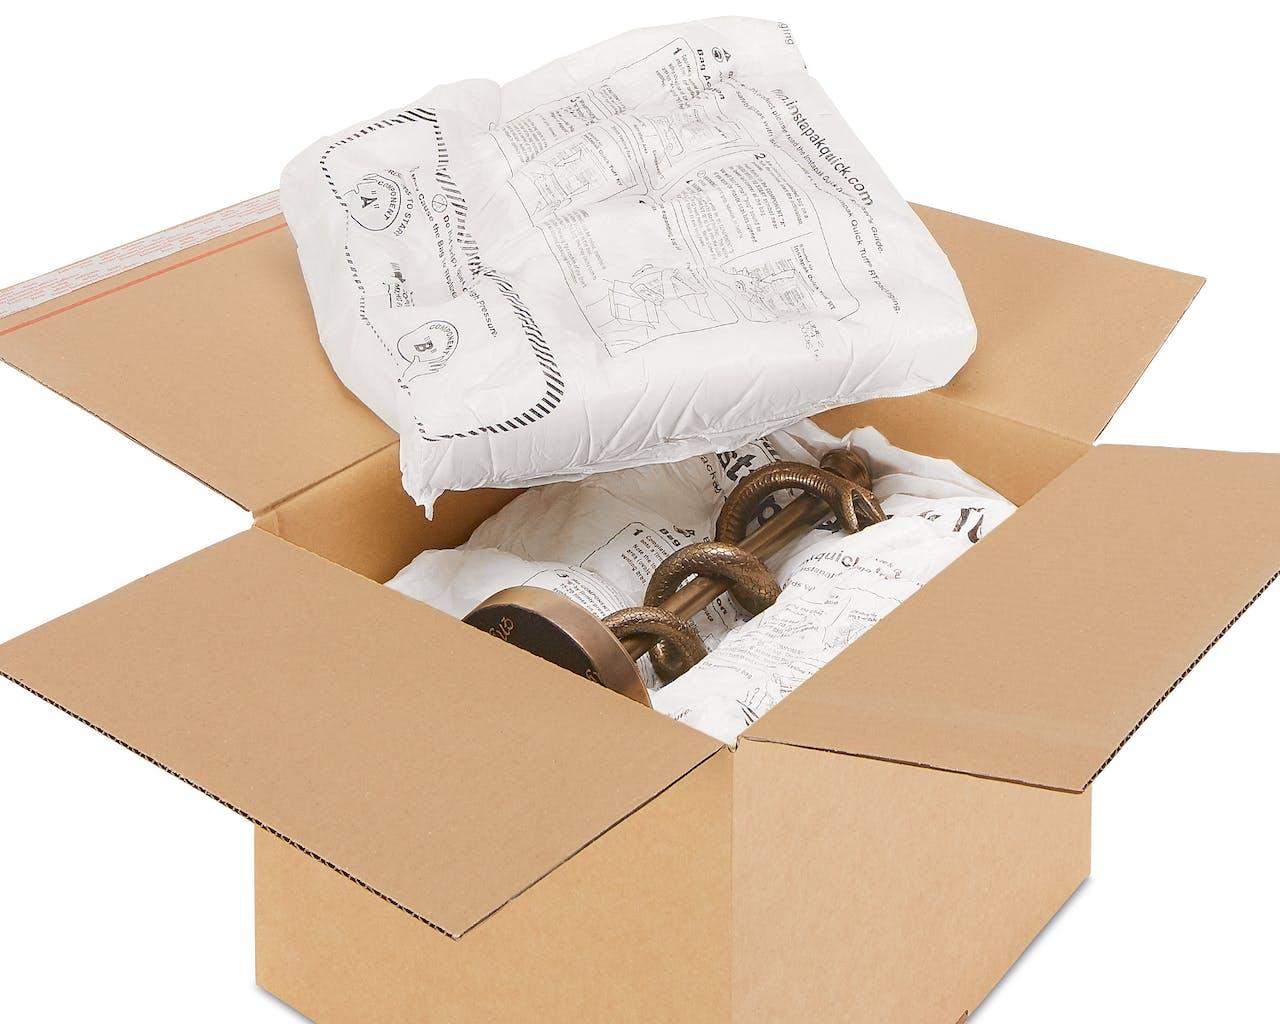 Schaumverpackung in Karton